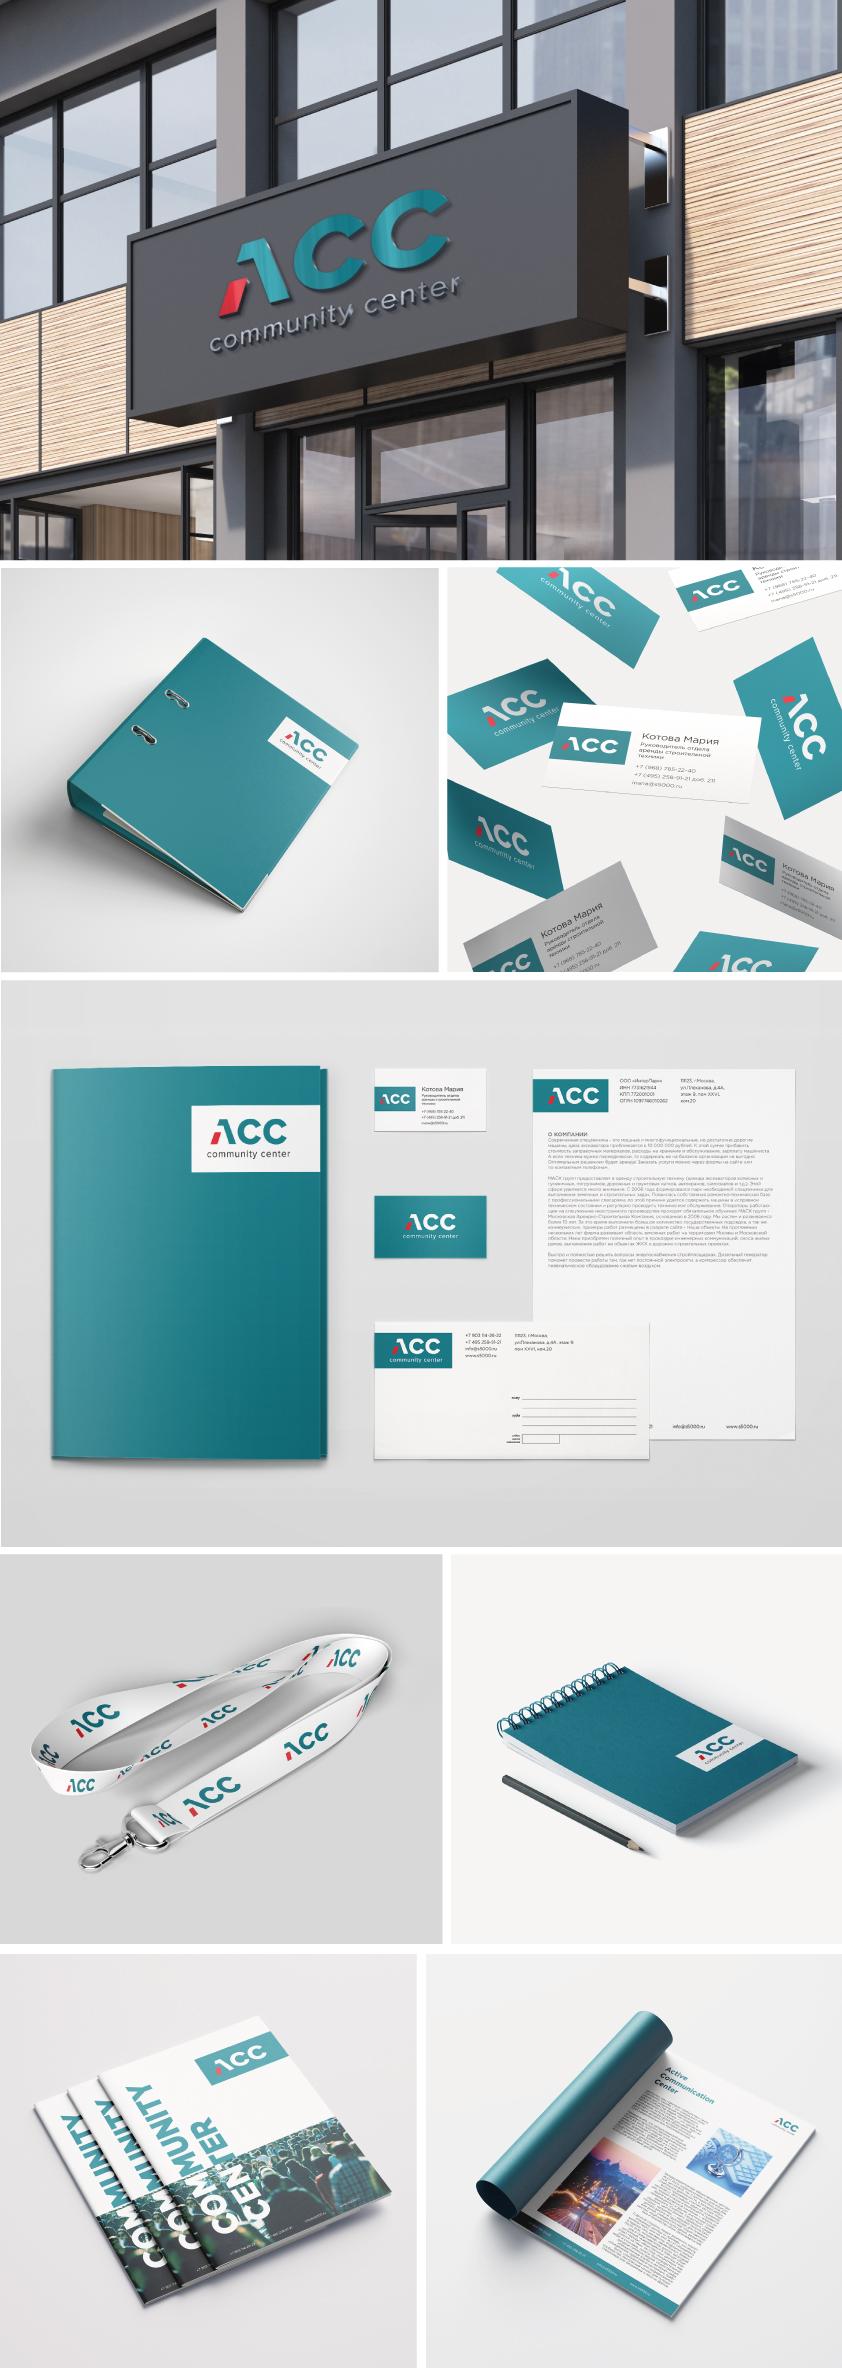 Логотип и фирменный стиль для компании ACC